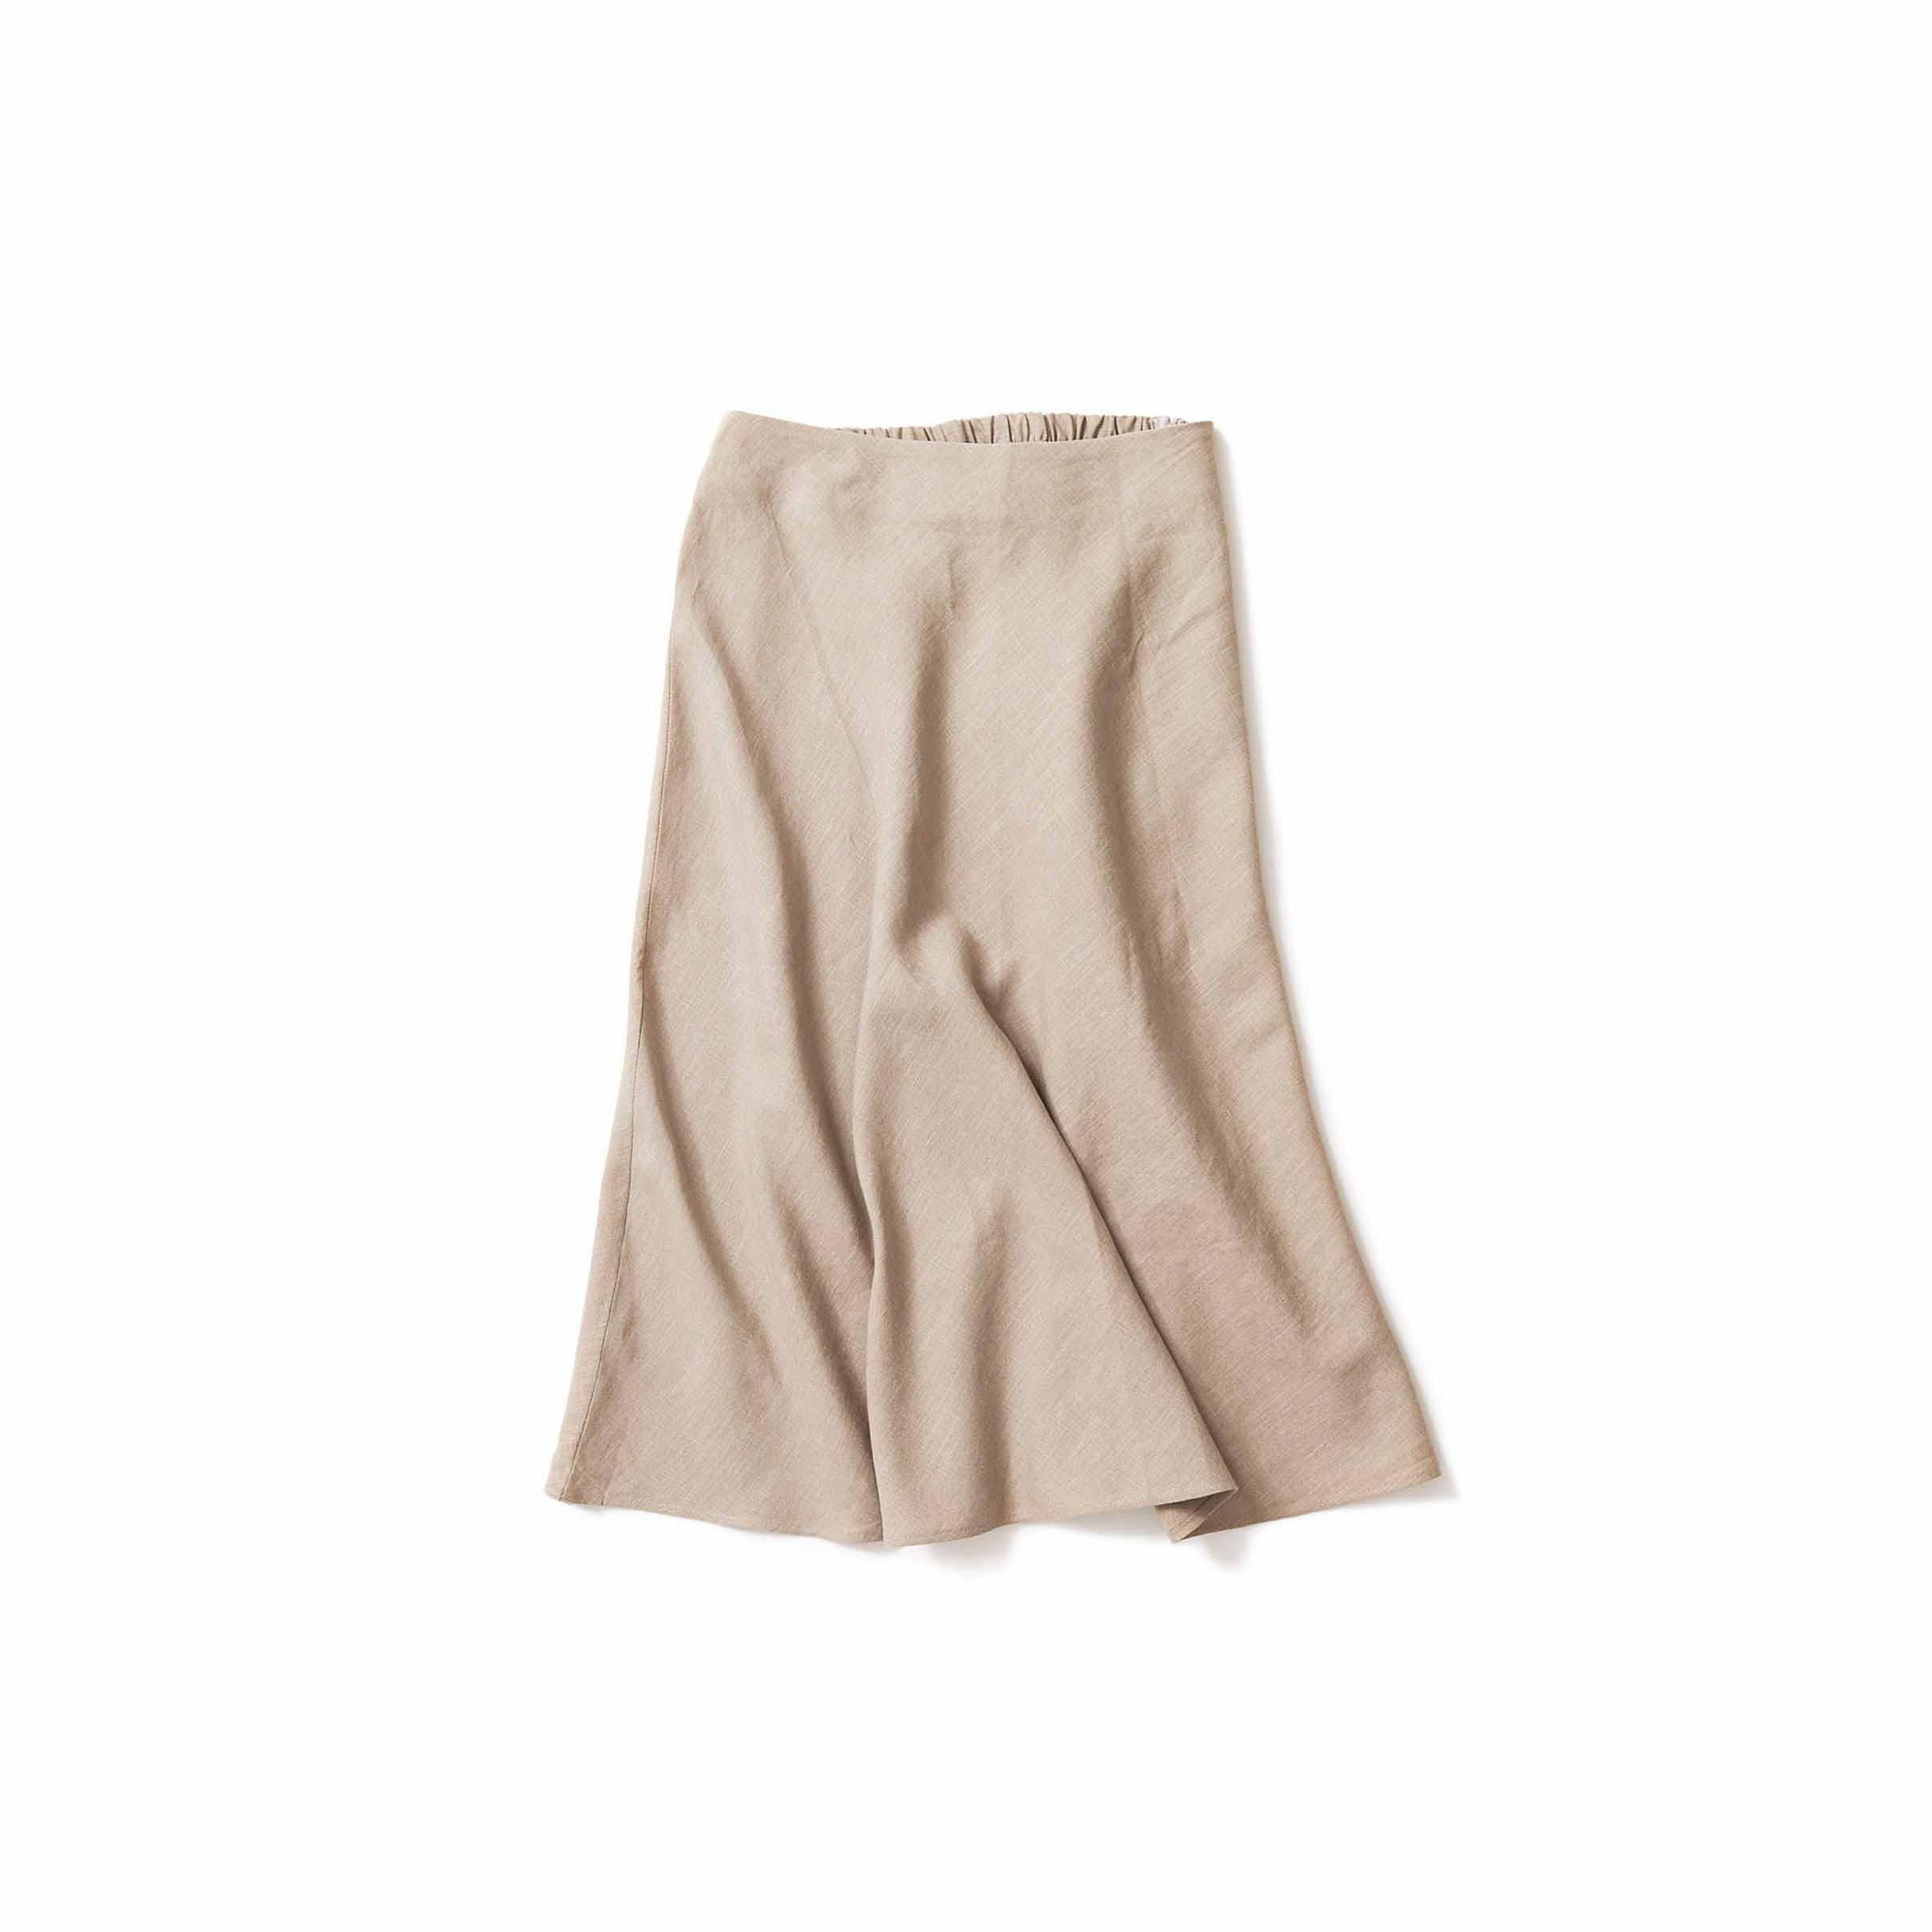 リネンのフレアースカート